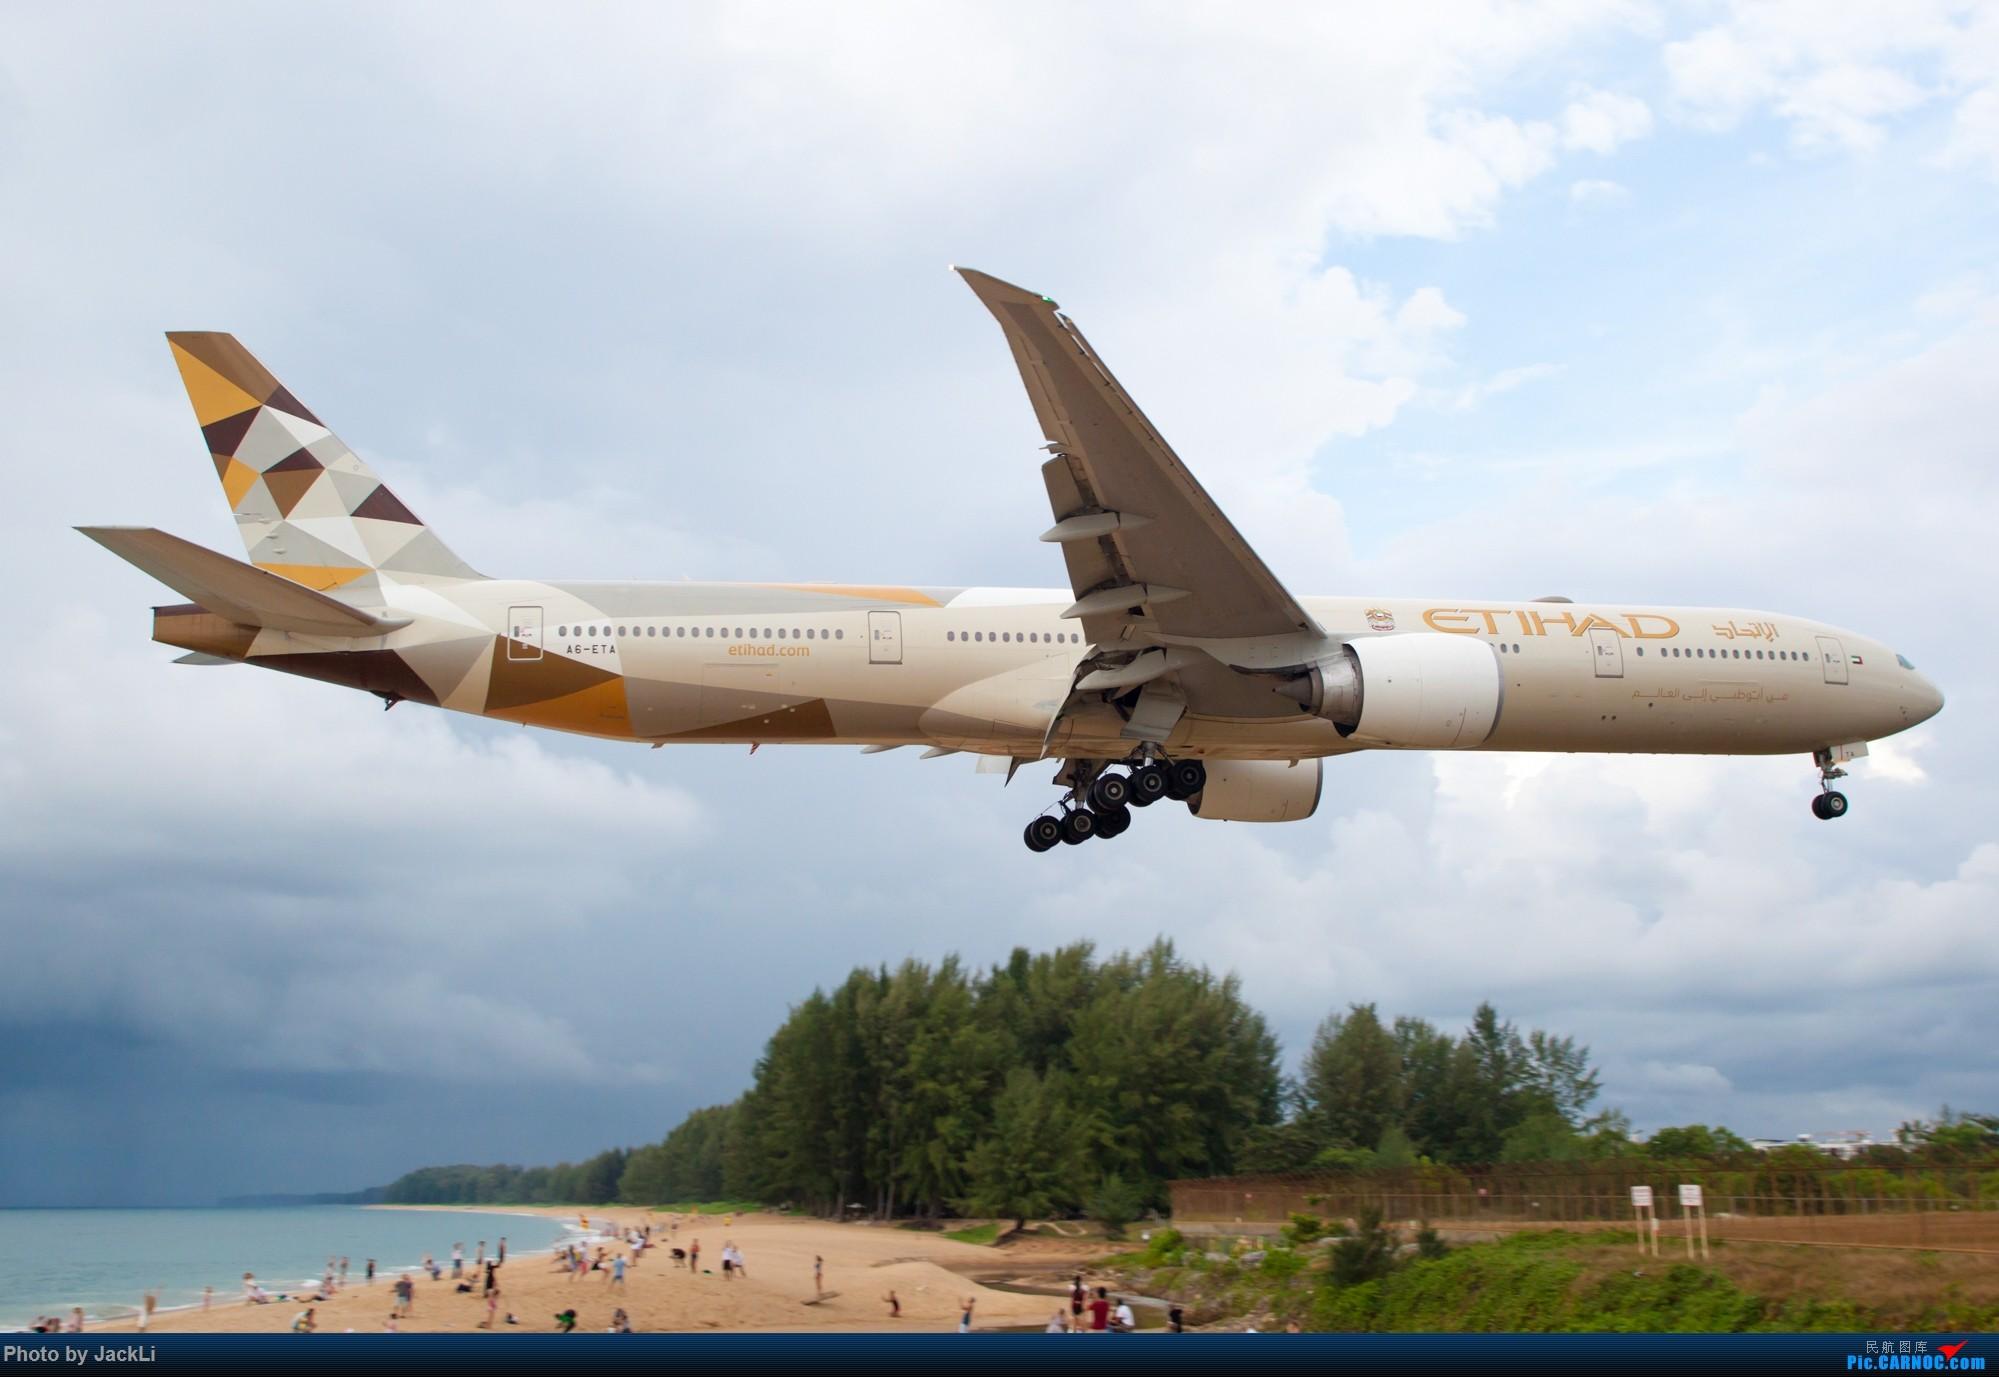 Re:[原创]【JackLi】亚洲圣马丁~普吉岛机场拍机 BOEING 777-300ER A6-ETA 泰国普吉机场